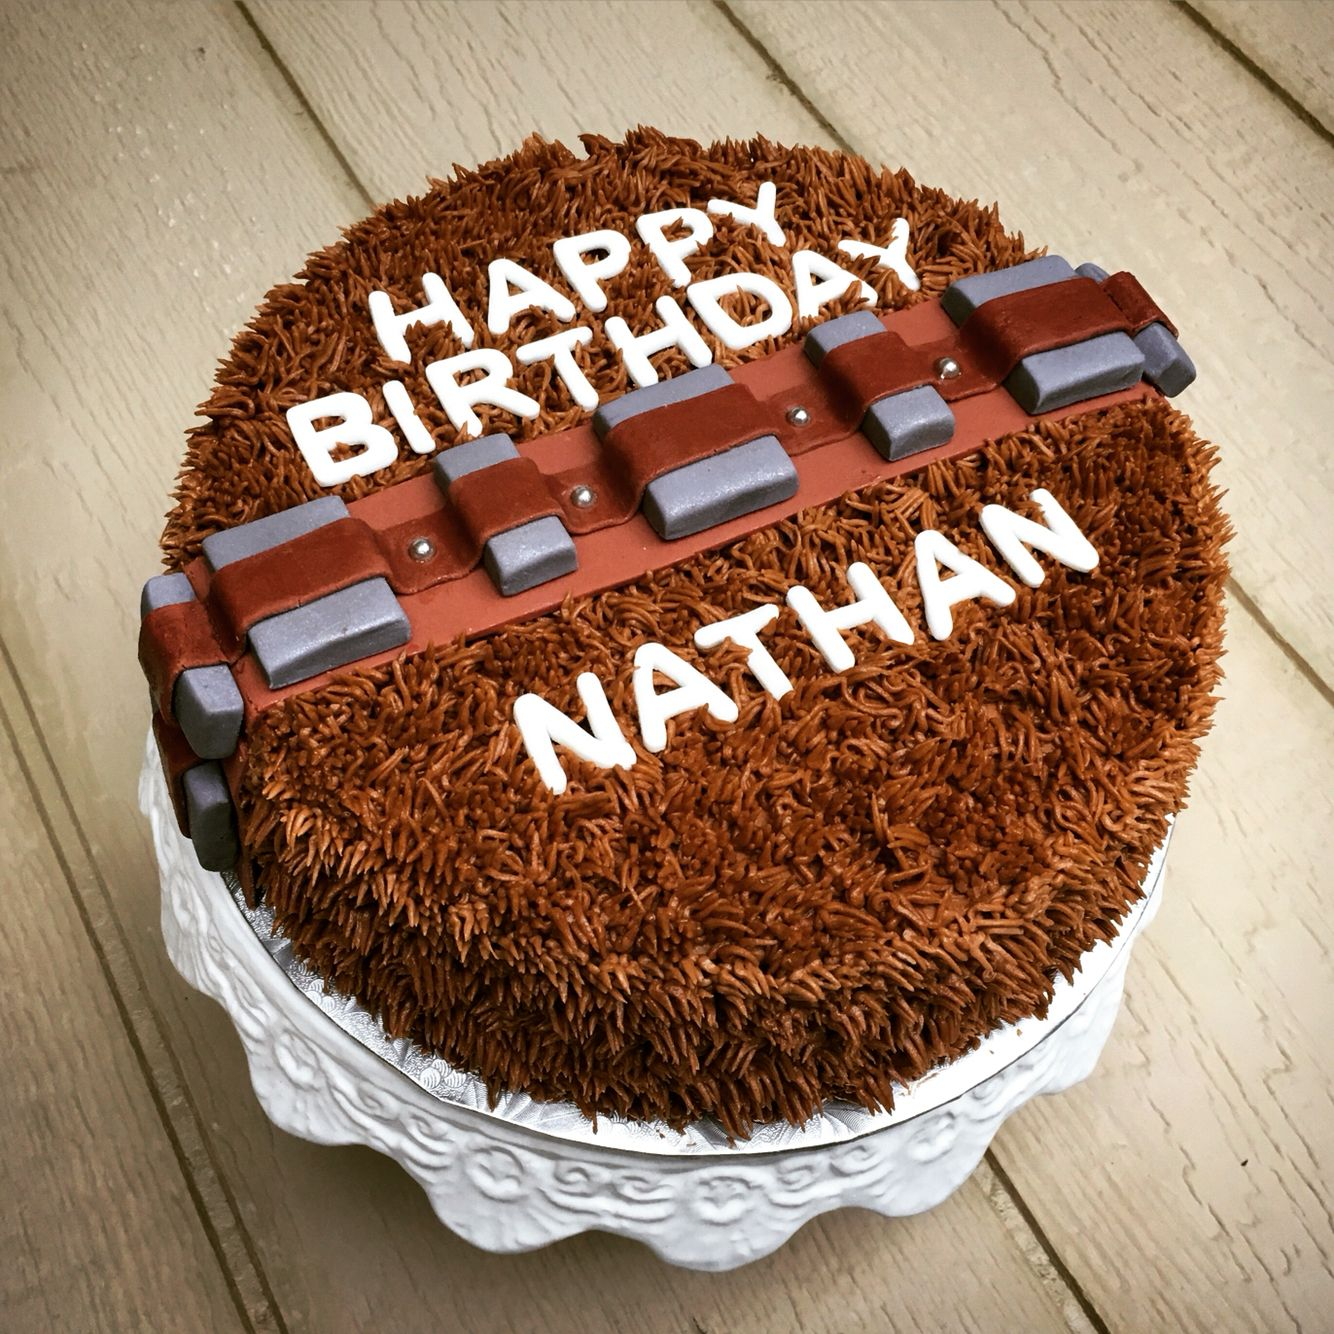 Chewbacca Star Wars Cake 10 Birthday Cake Star Wars Cake Star Wars Cake Toppers